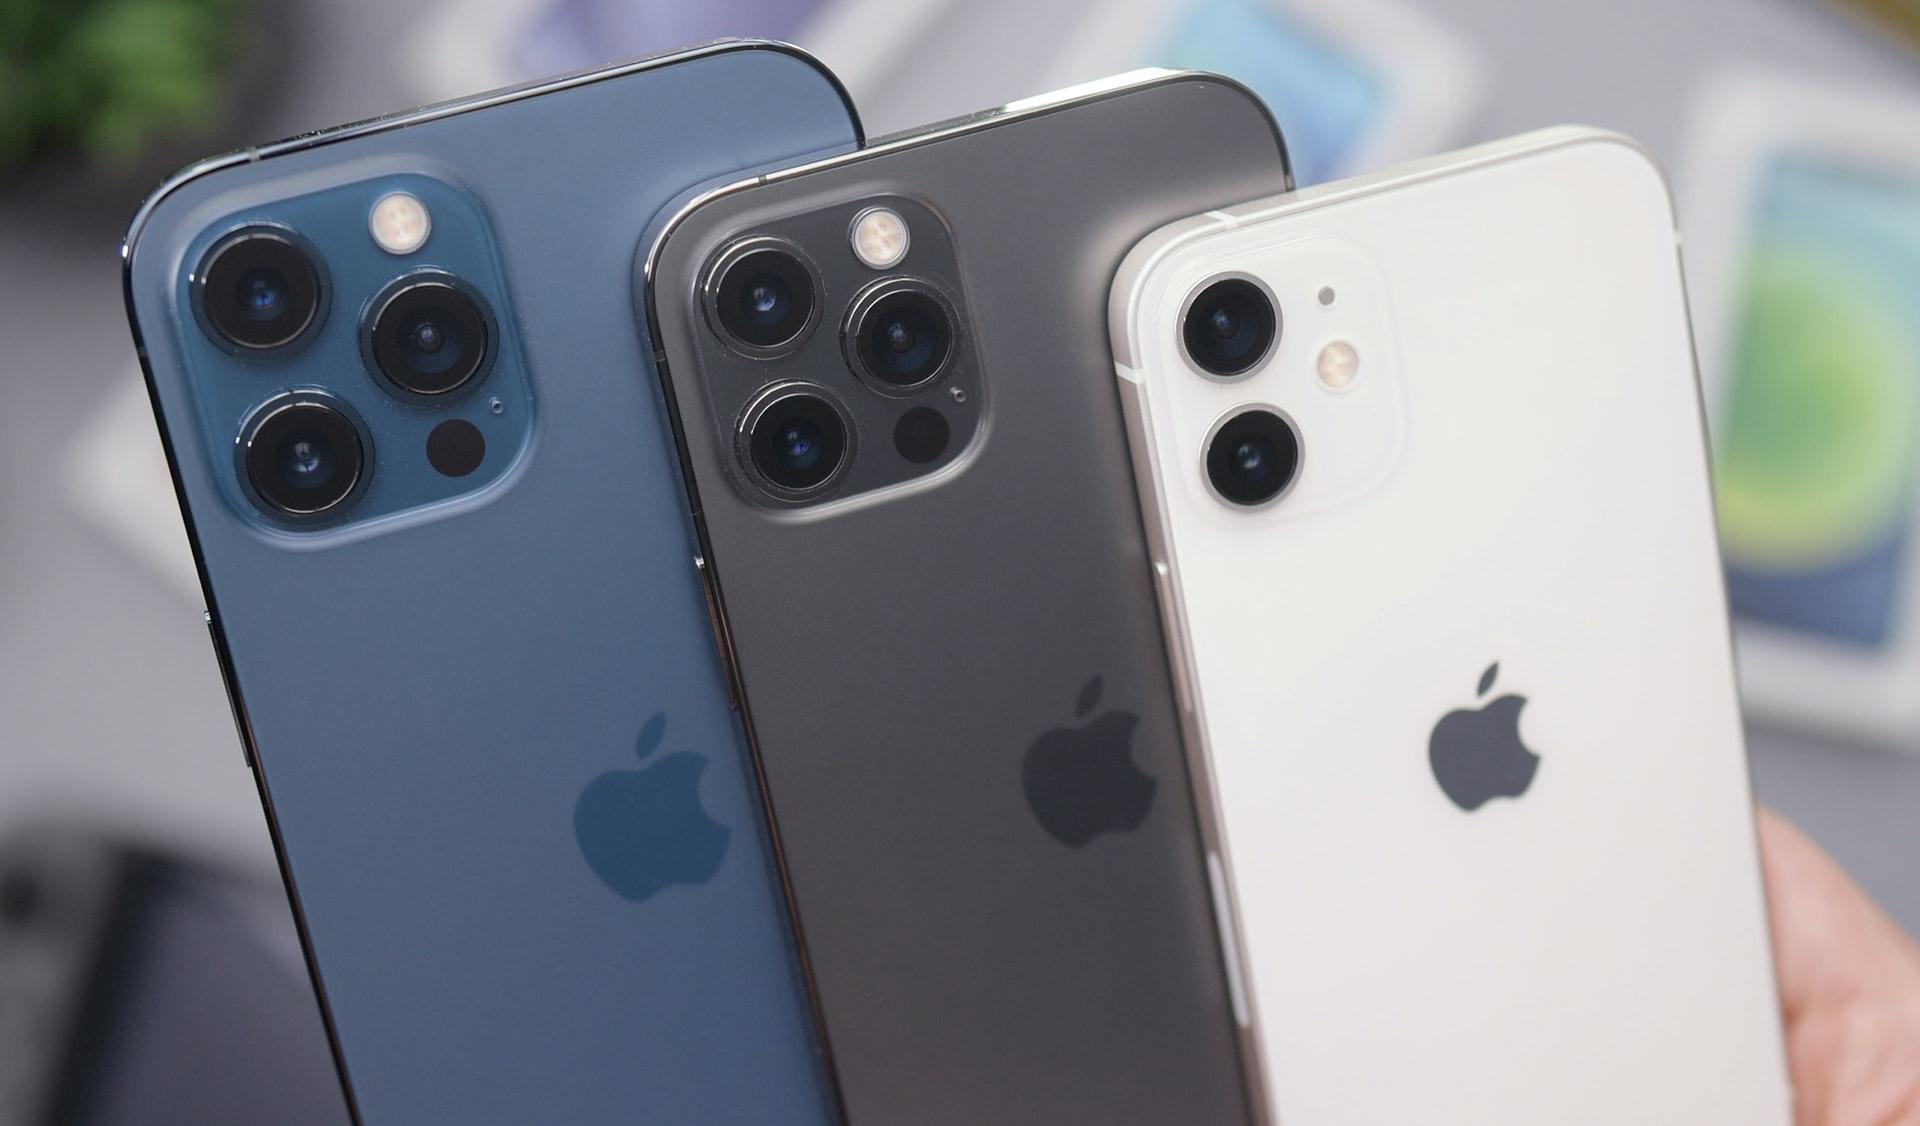 [2020]歴代iPhoneモデル徹底比較|価格・サイズ・スペック・デザインを比べてみた